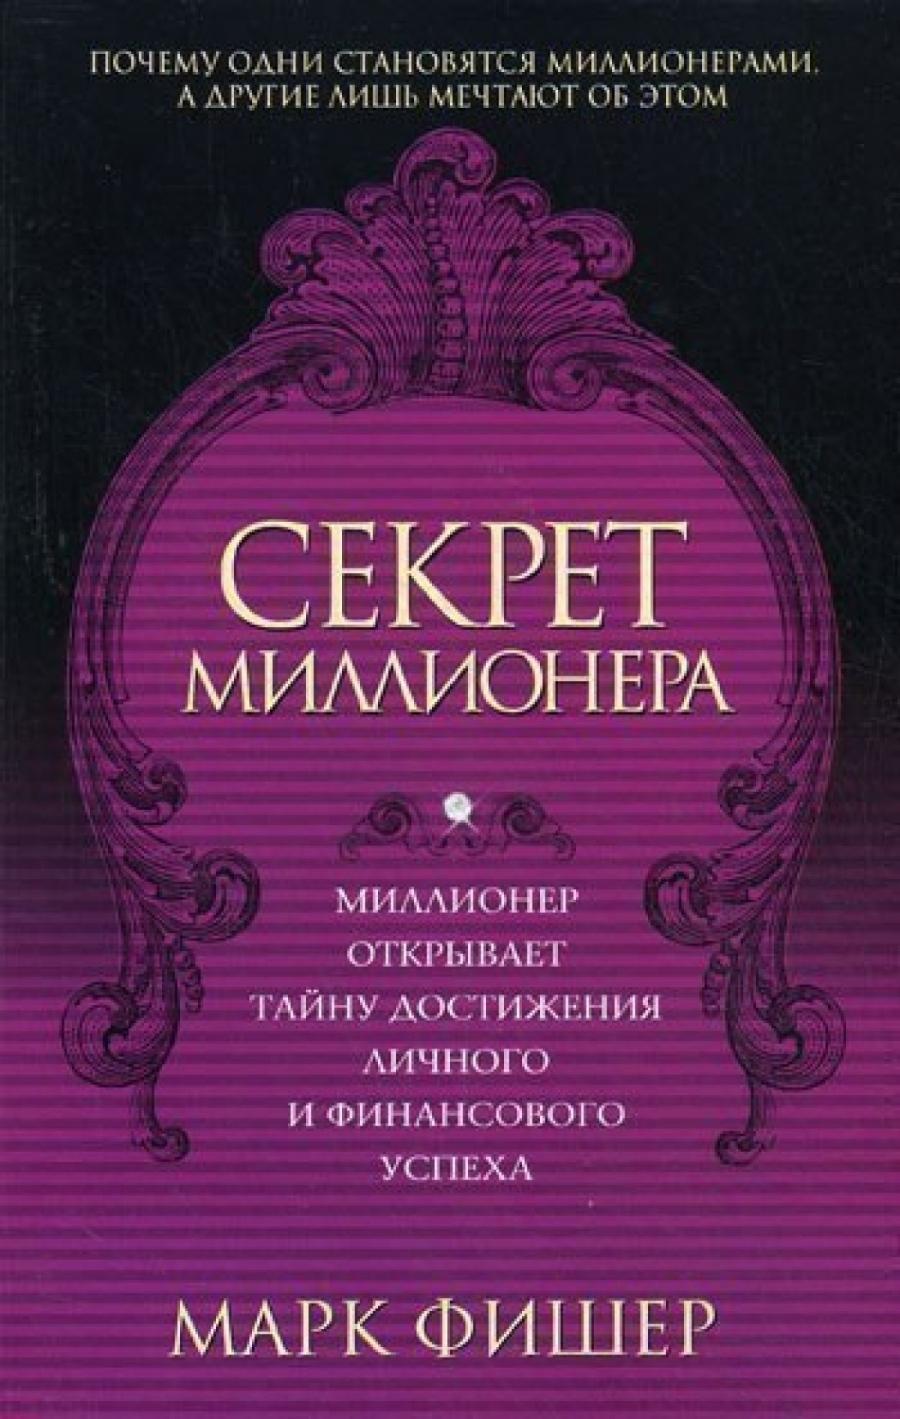 Обложка книги:  марк фишер - секрет миллионера